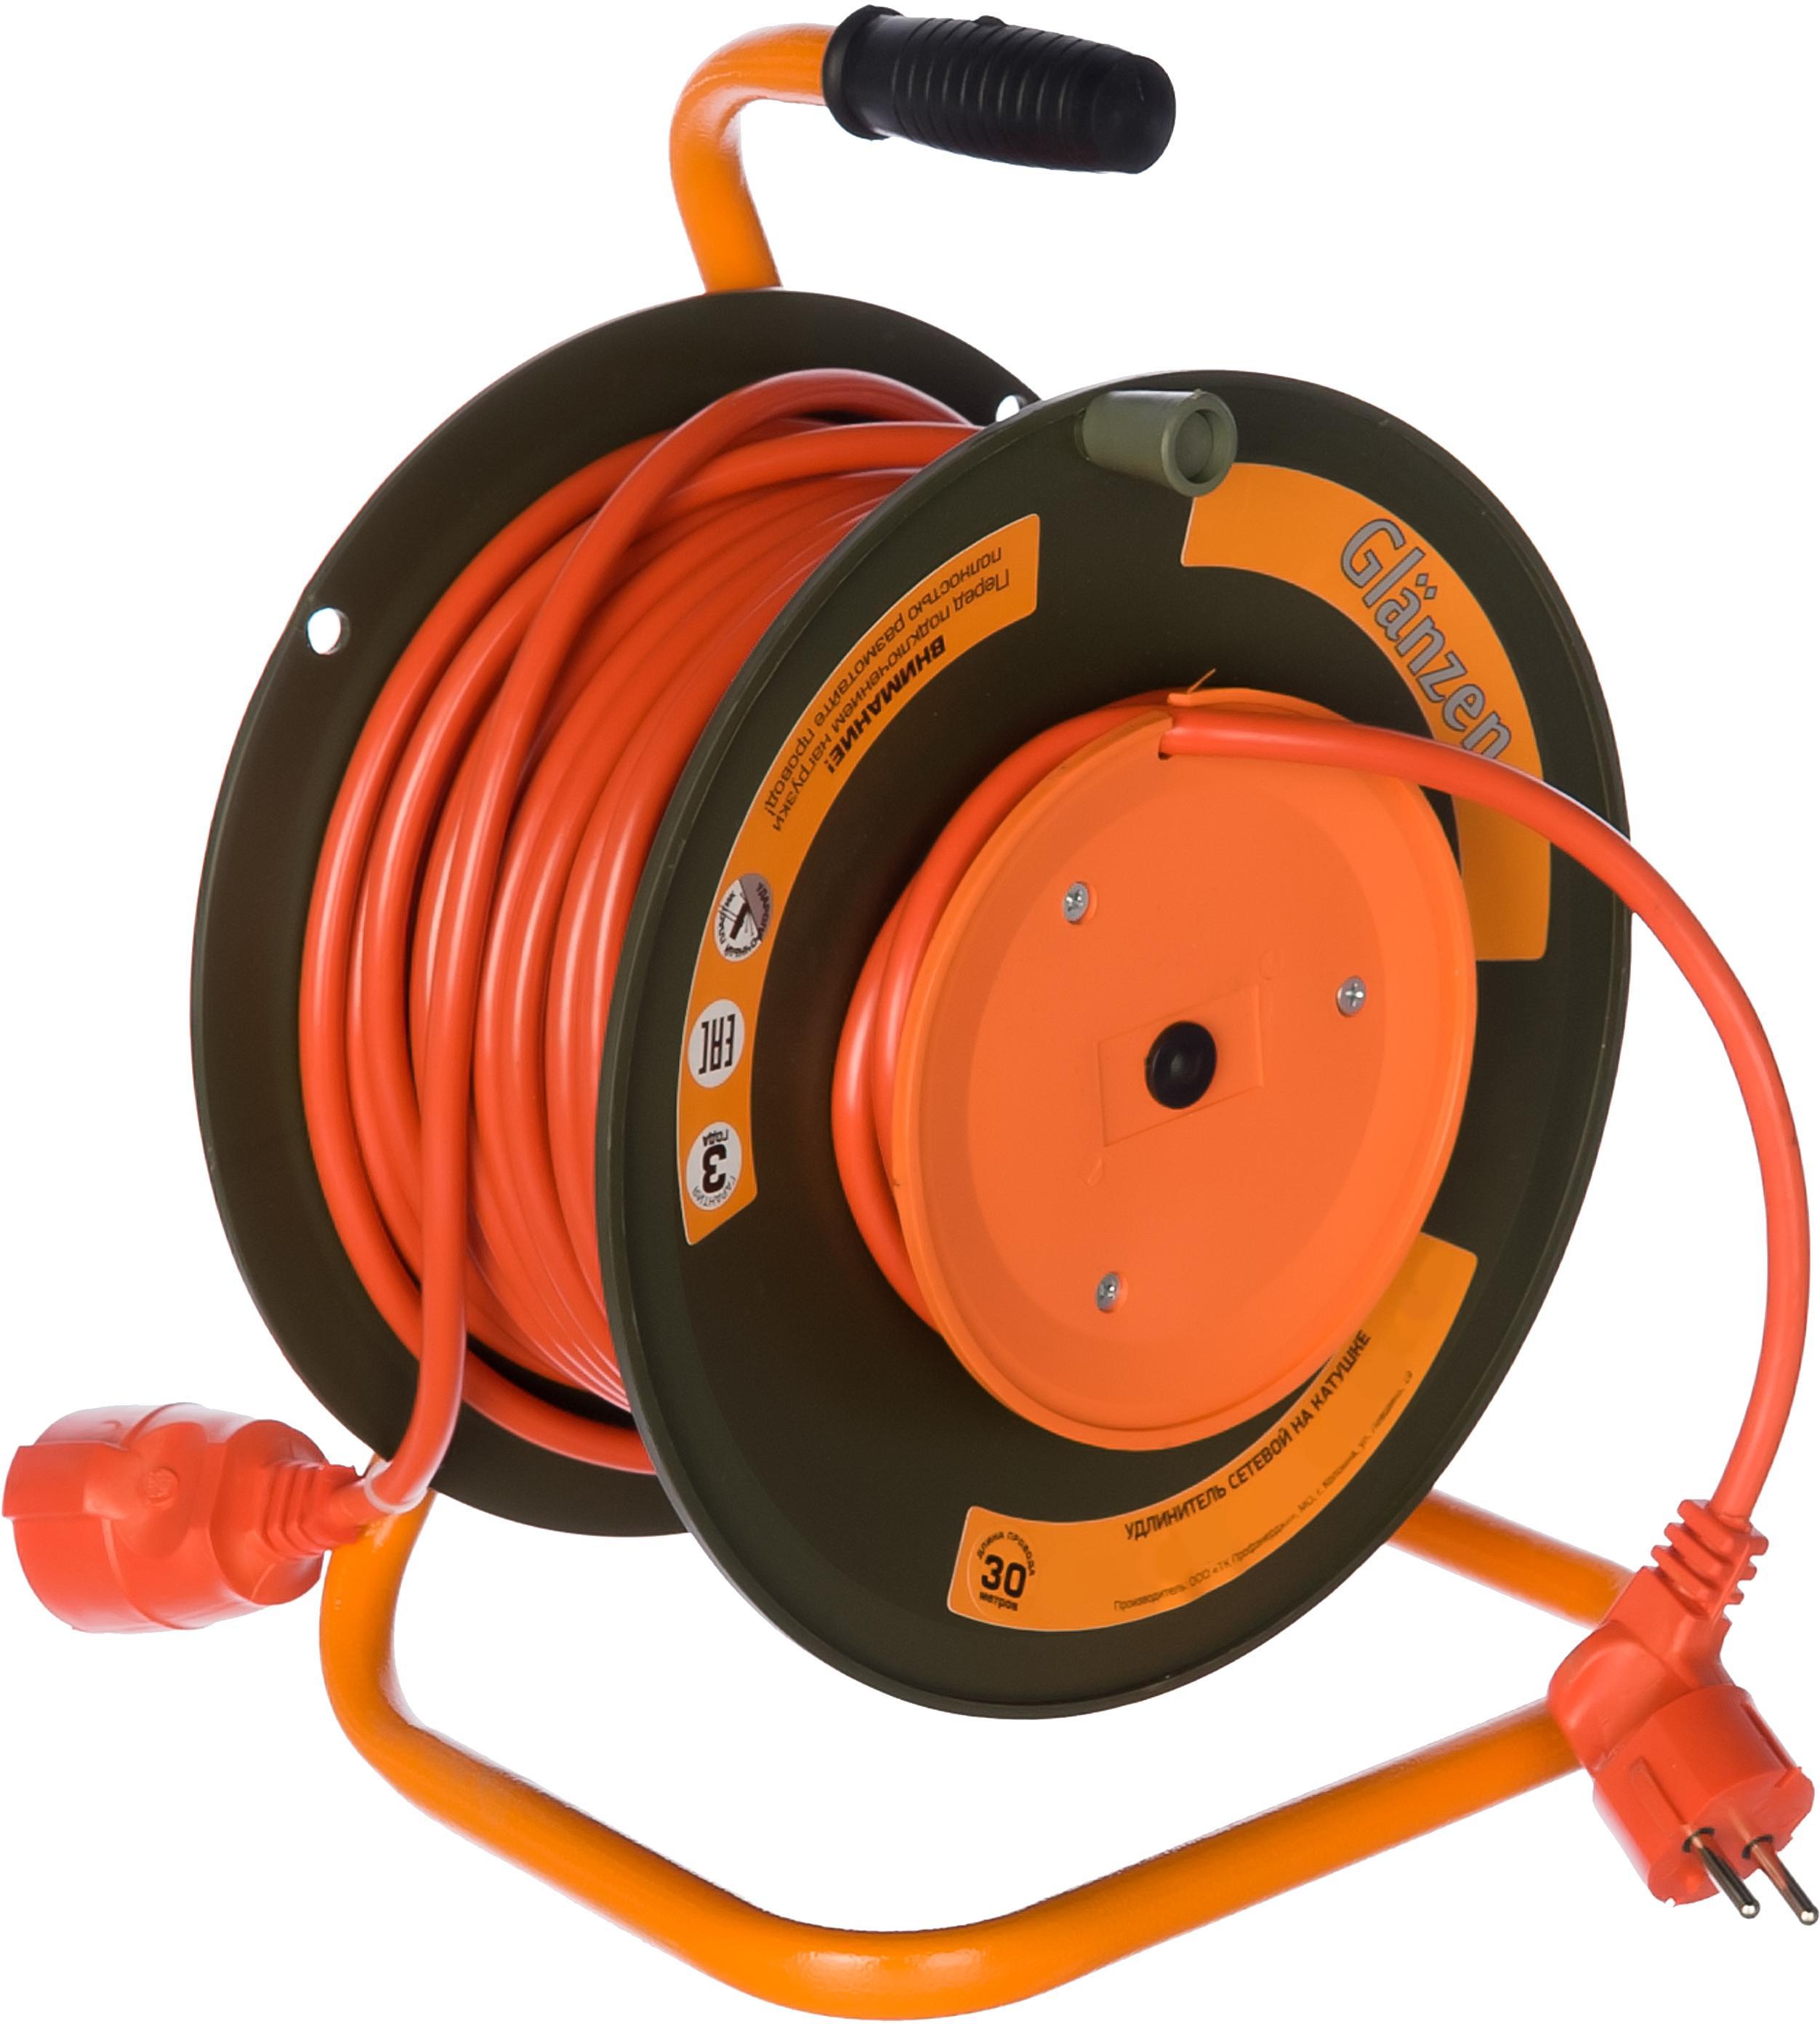 Удлинитель Glanzen Eb-30-010 силовой 30м на катушке 1 розетка ПВС 2х2.5 силовой удлинитель на катушке к1 0 25 lux 4606400417552